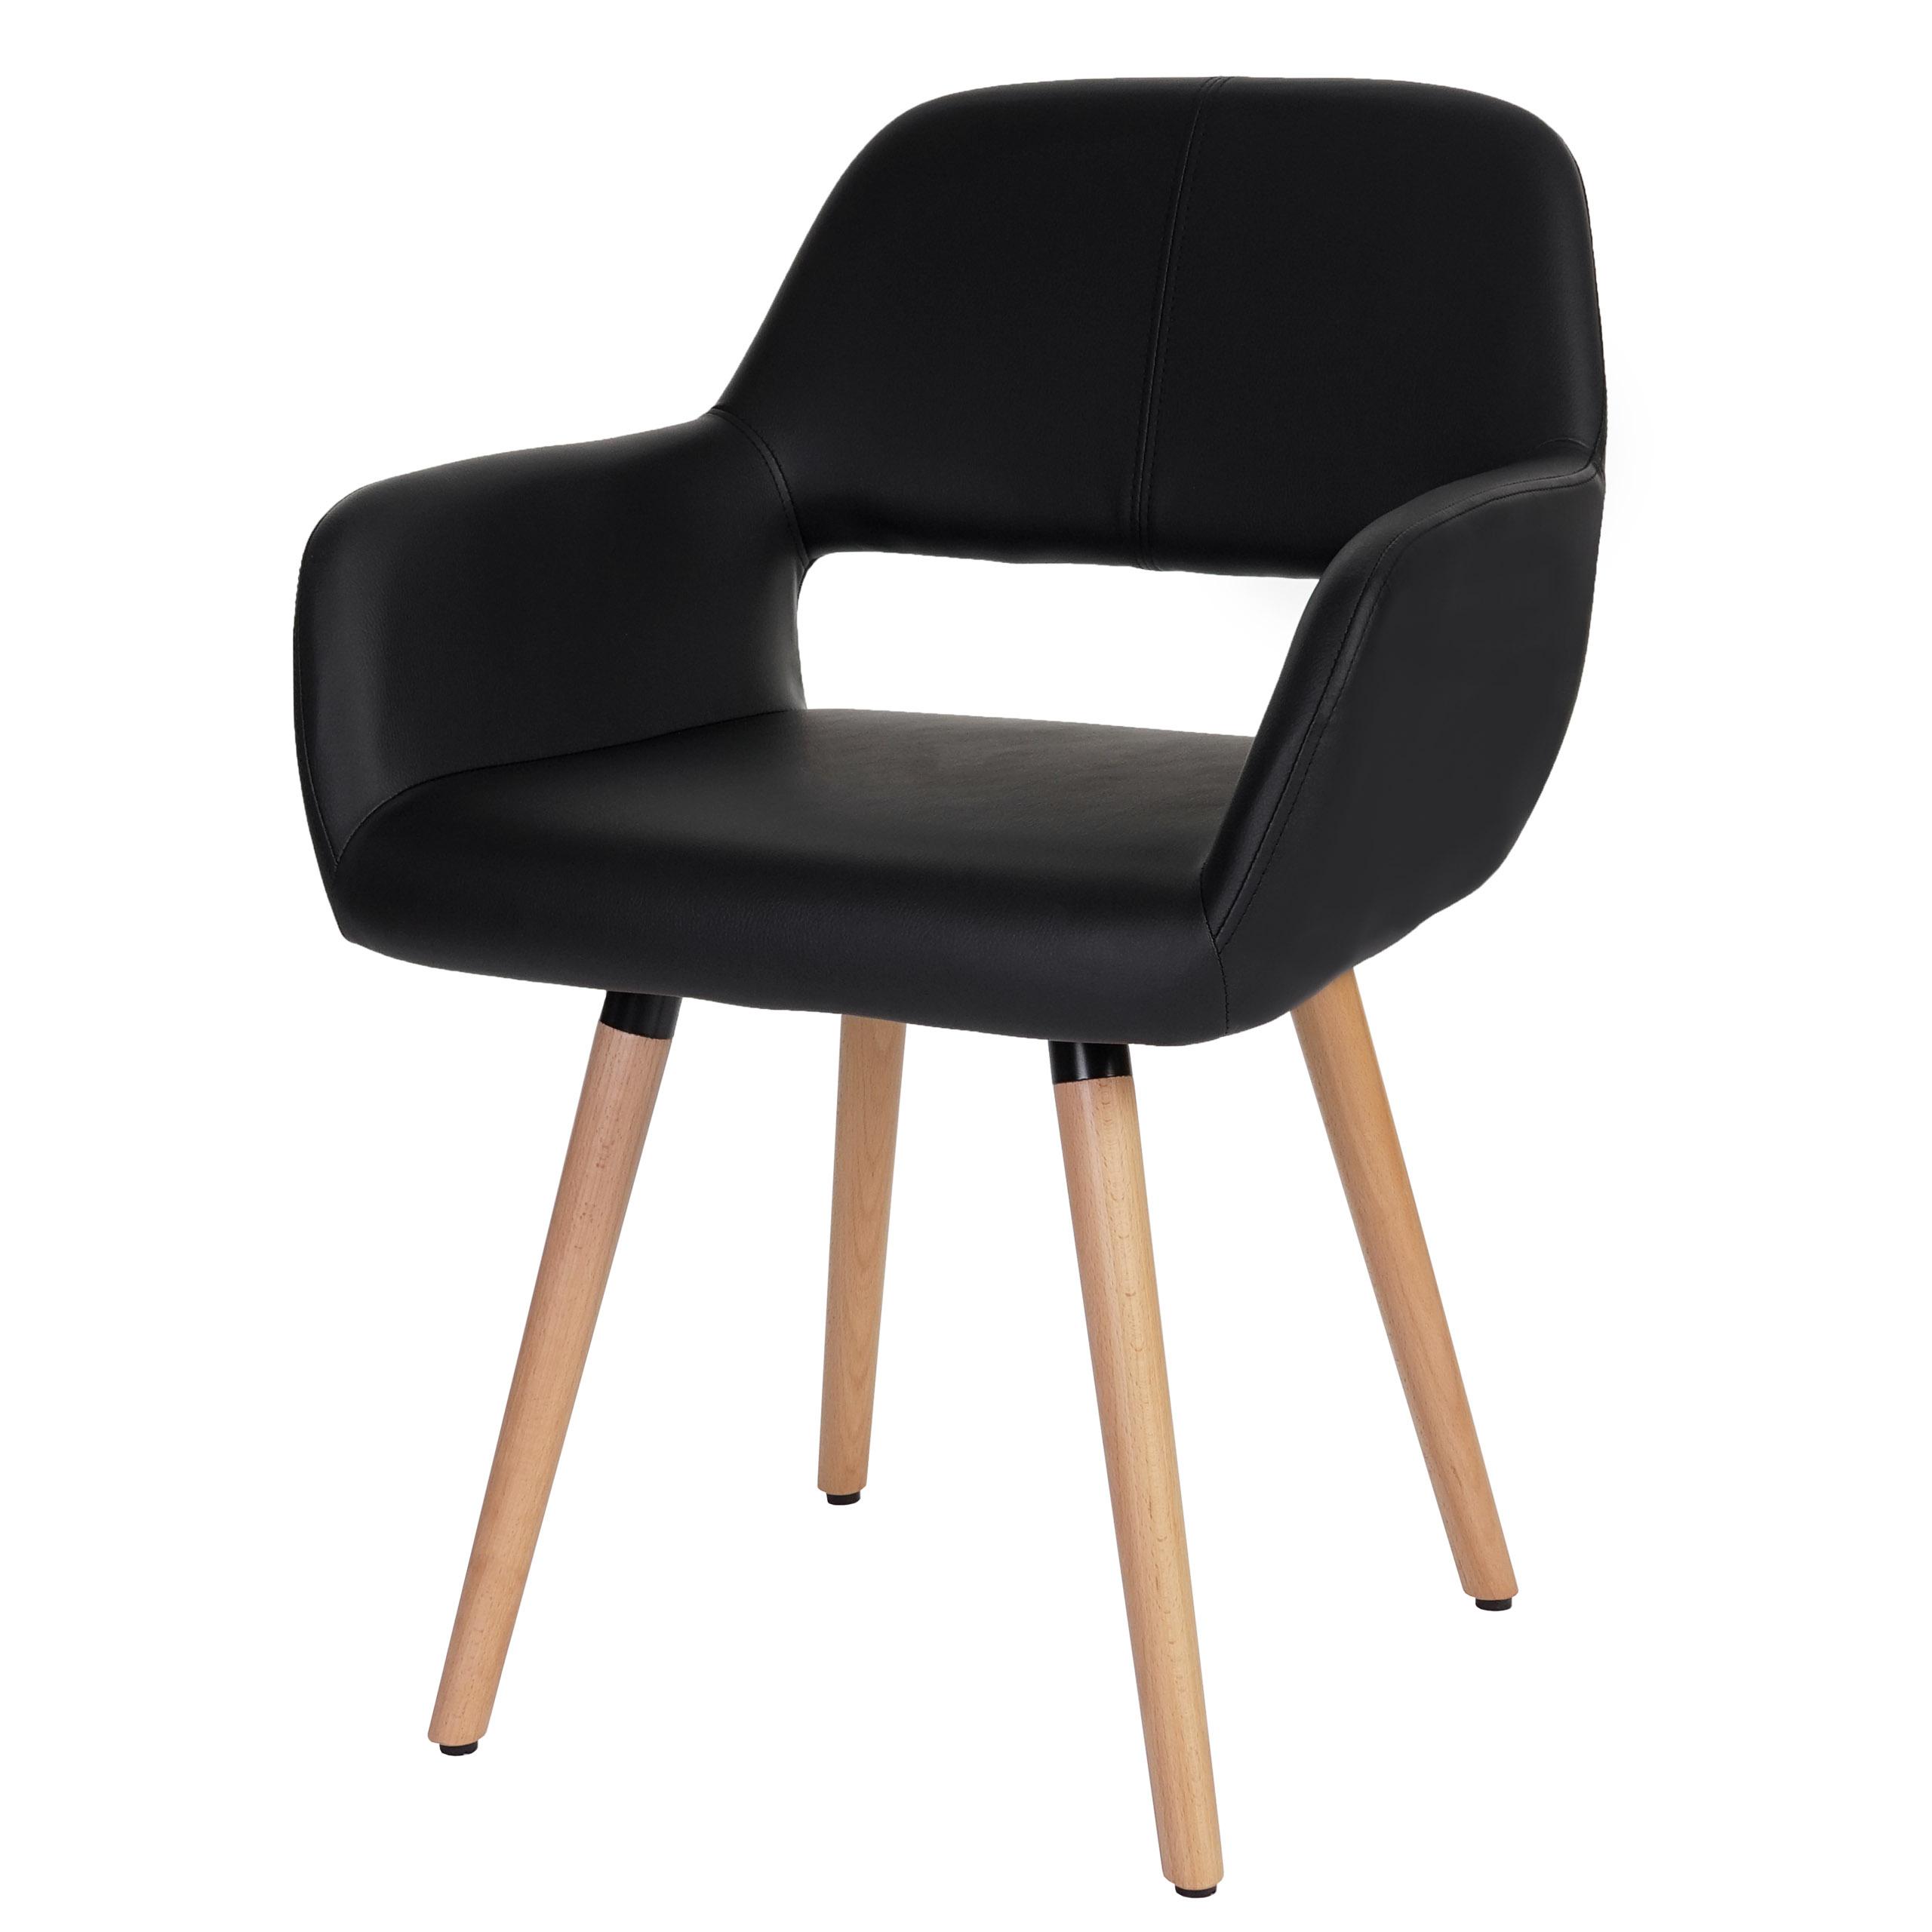 esszimmerstuhl hwc a50 ii stuhl lehnstuhl retro 50er jahre design kunstleder schwarz. Black Bedroom Furniture Sets. Home Design Ideas